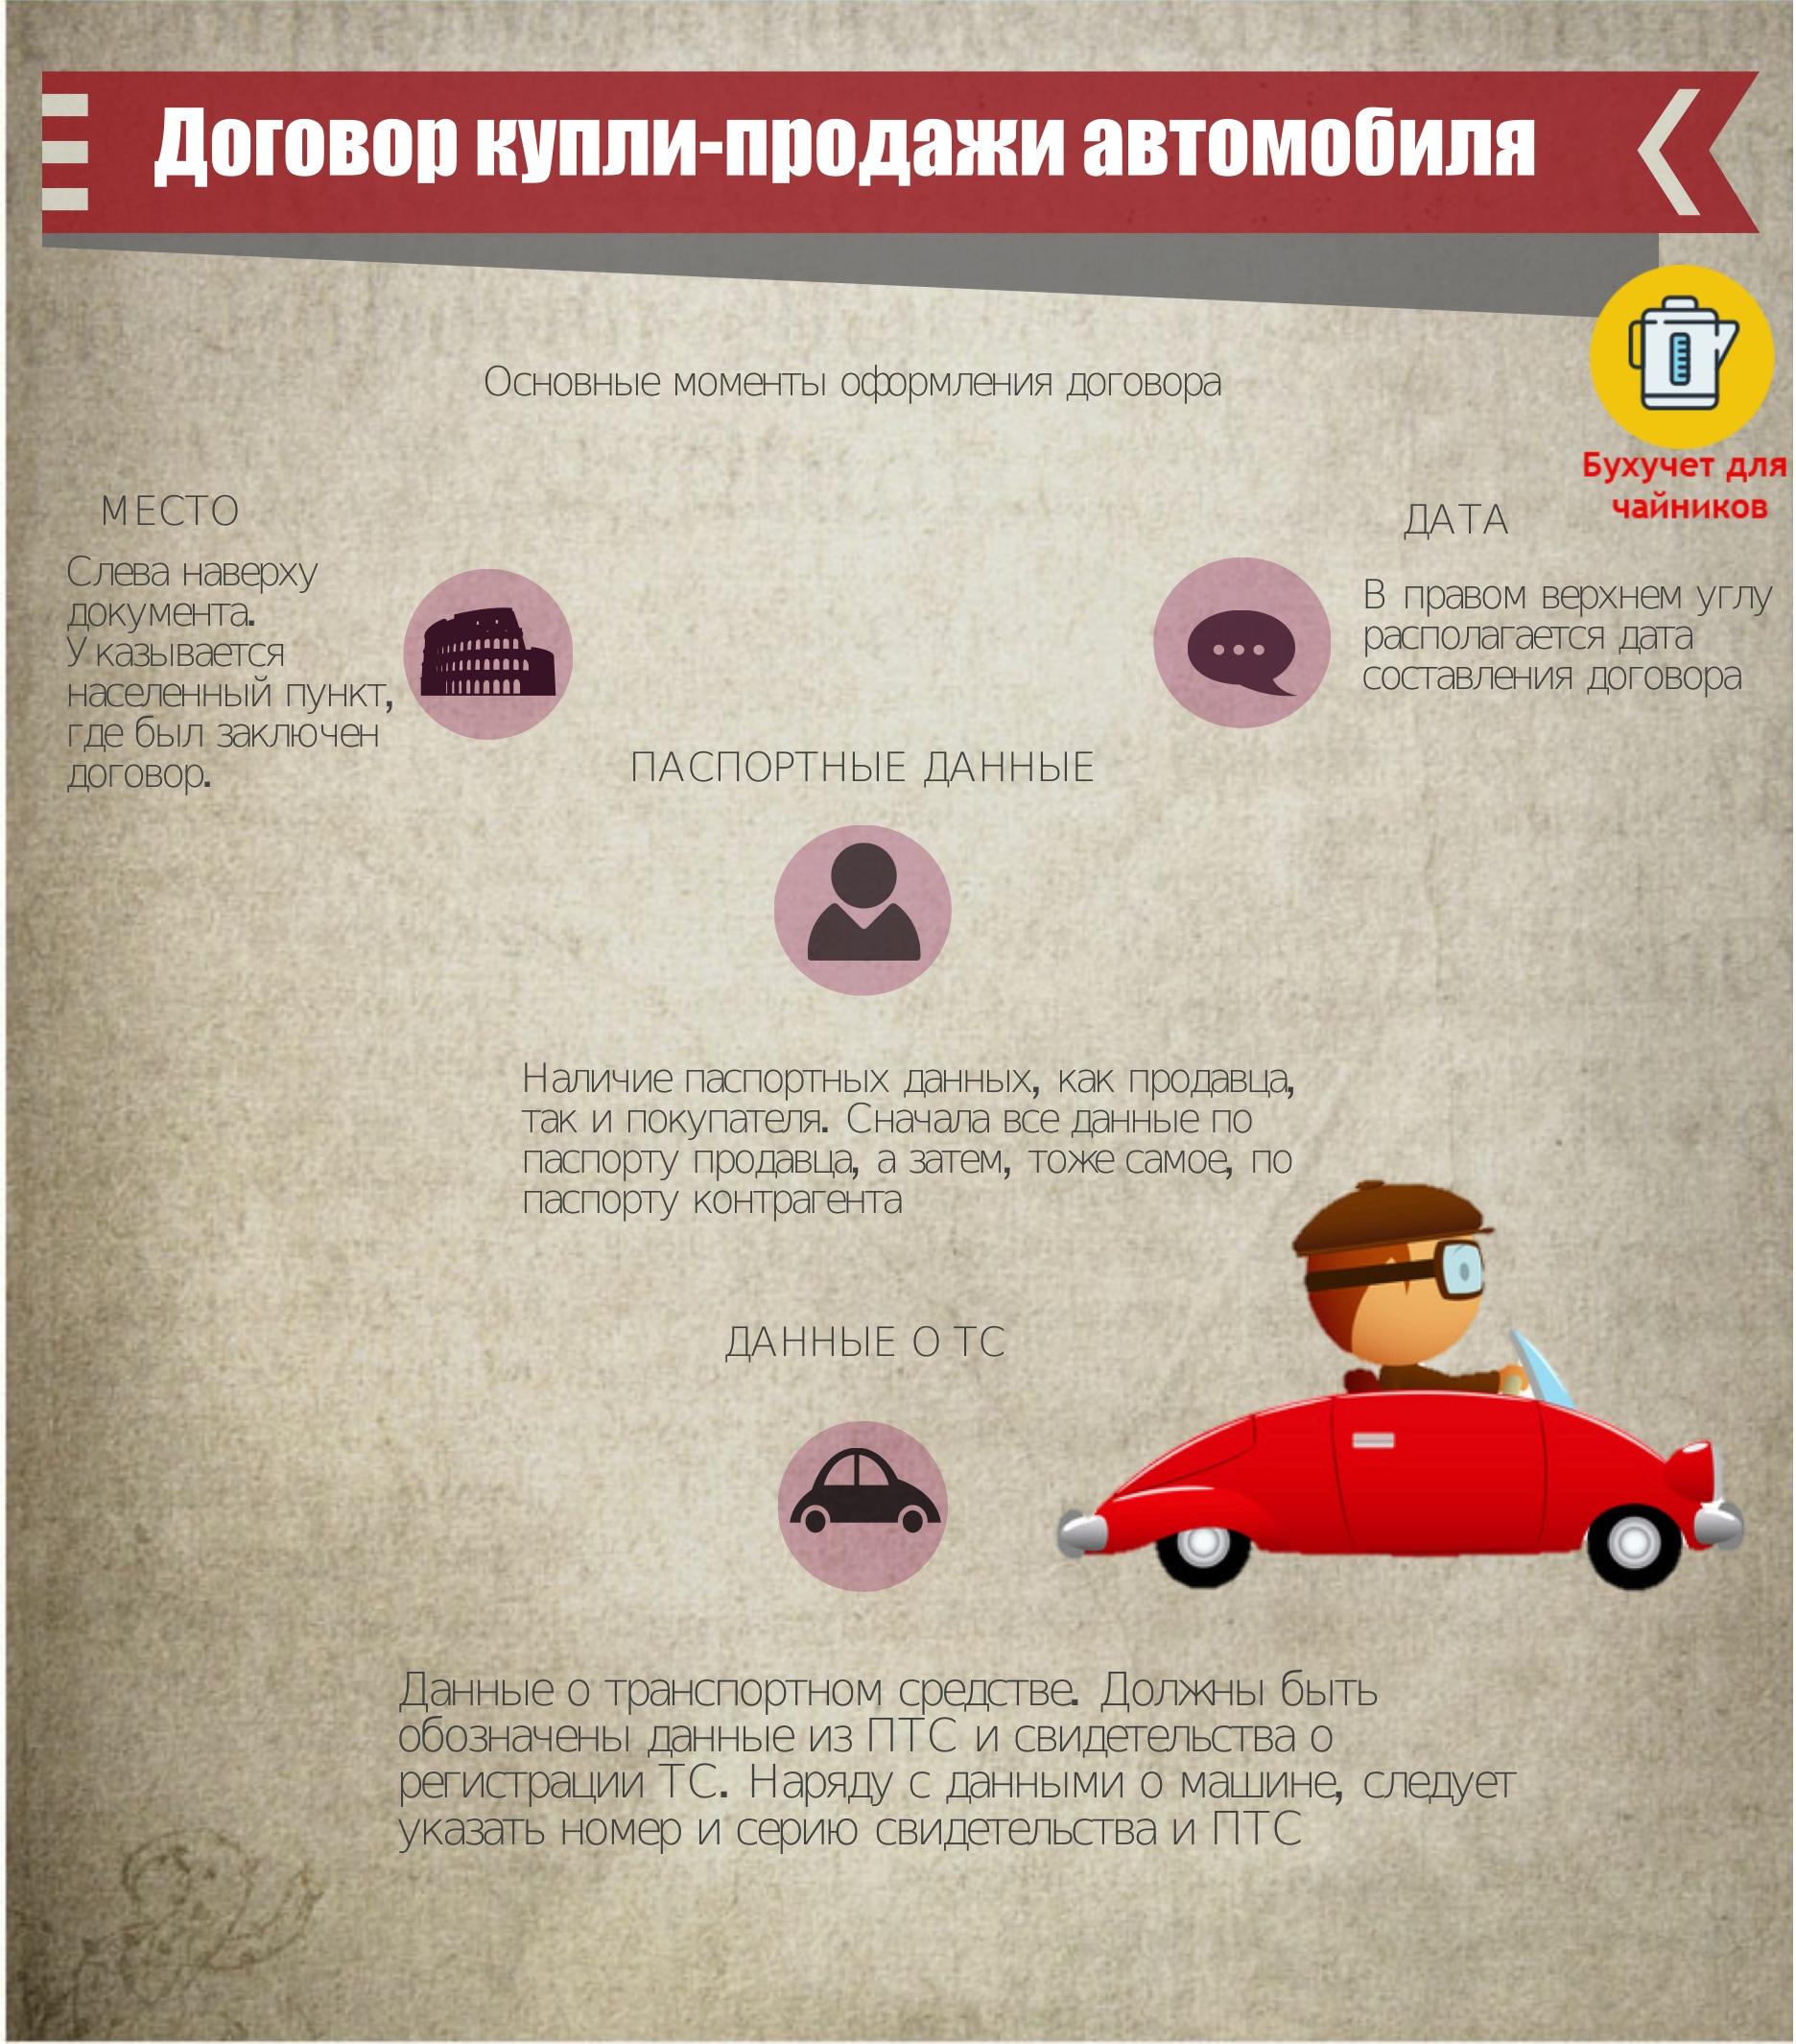 Договор о Купли Продажи Автомобиля бланк - картинка 2